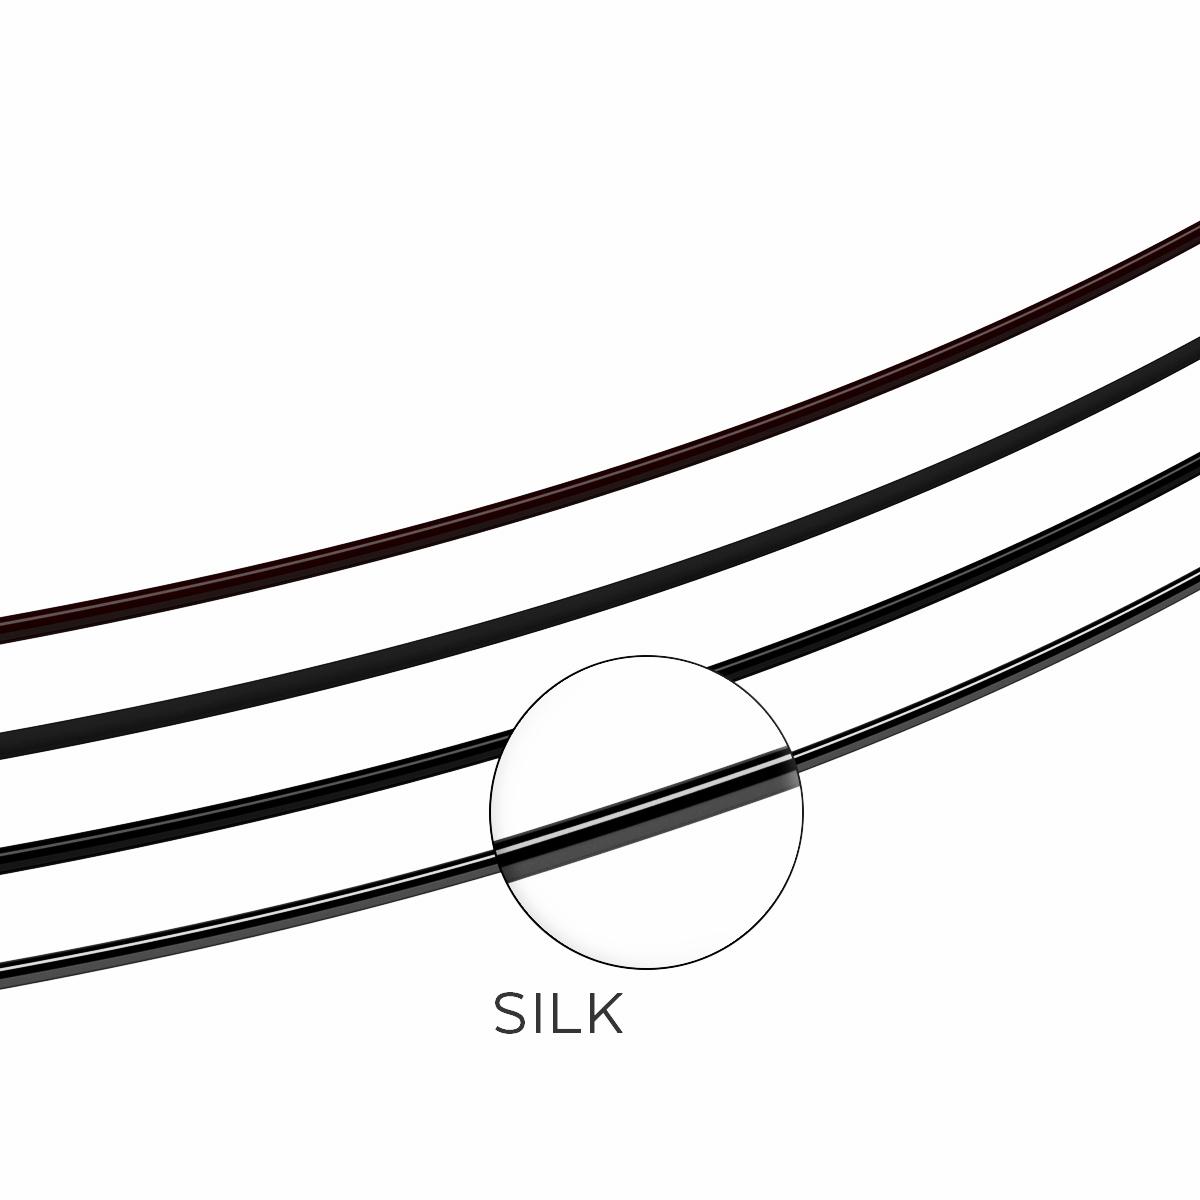 rzesy-objetosciowe-silk-black-c-0-07